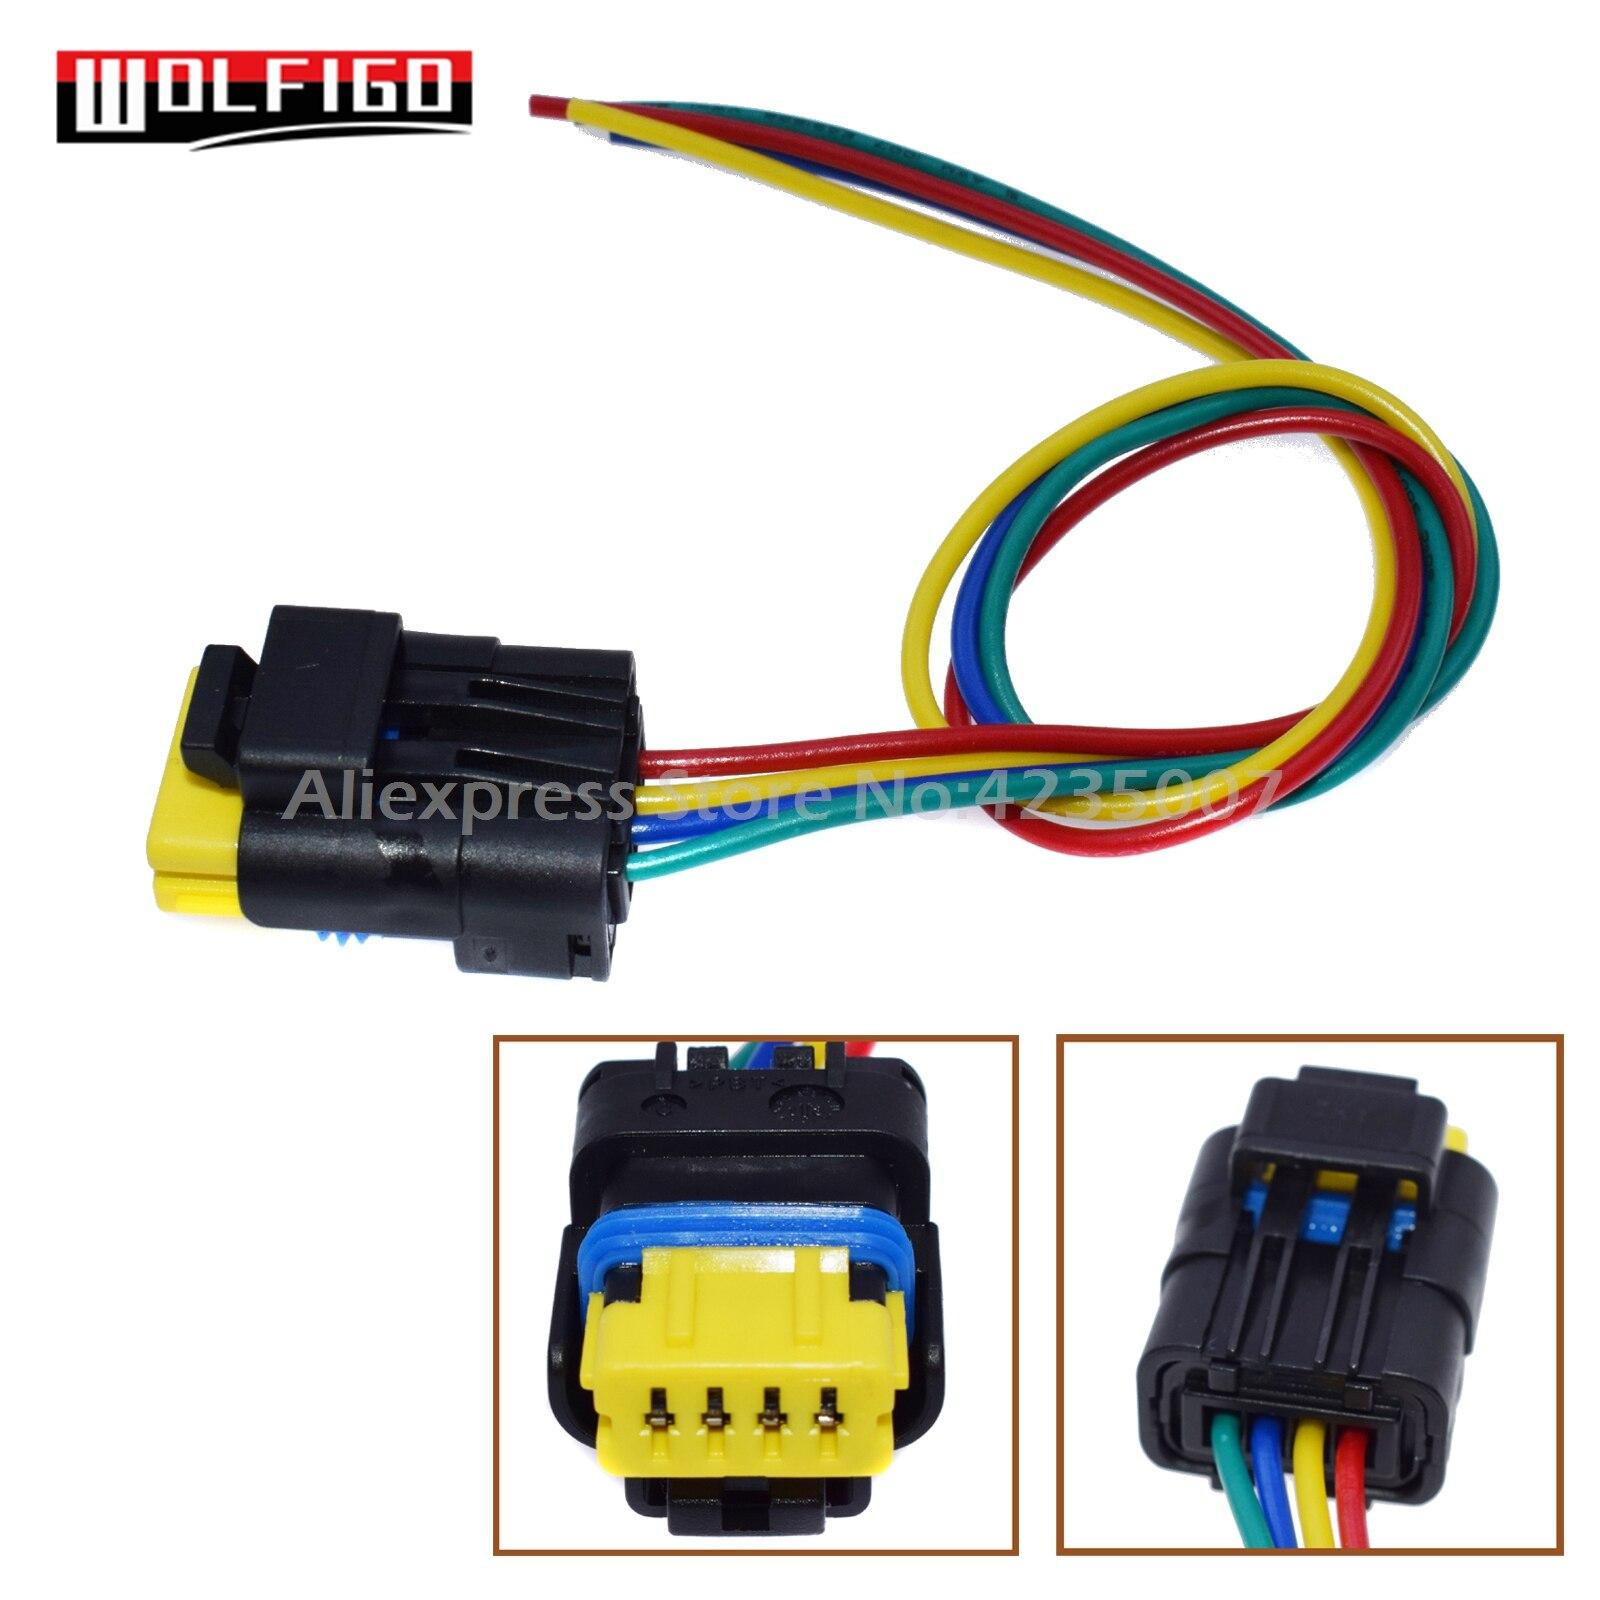 fuel pump wire harness wolfigo new fuel pump cable wire wiring harness plug 4 pin for fuel pump wiring harness color cable wire wiring harness plug